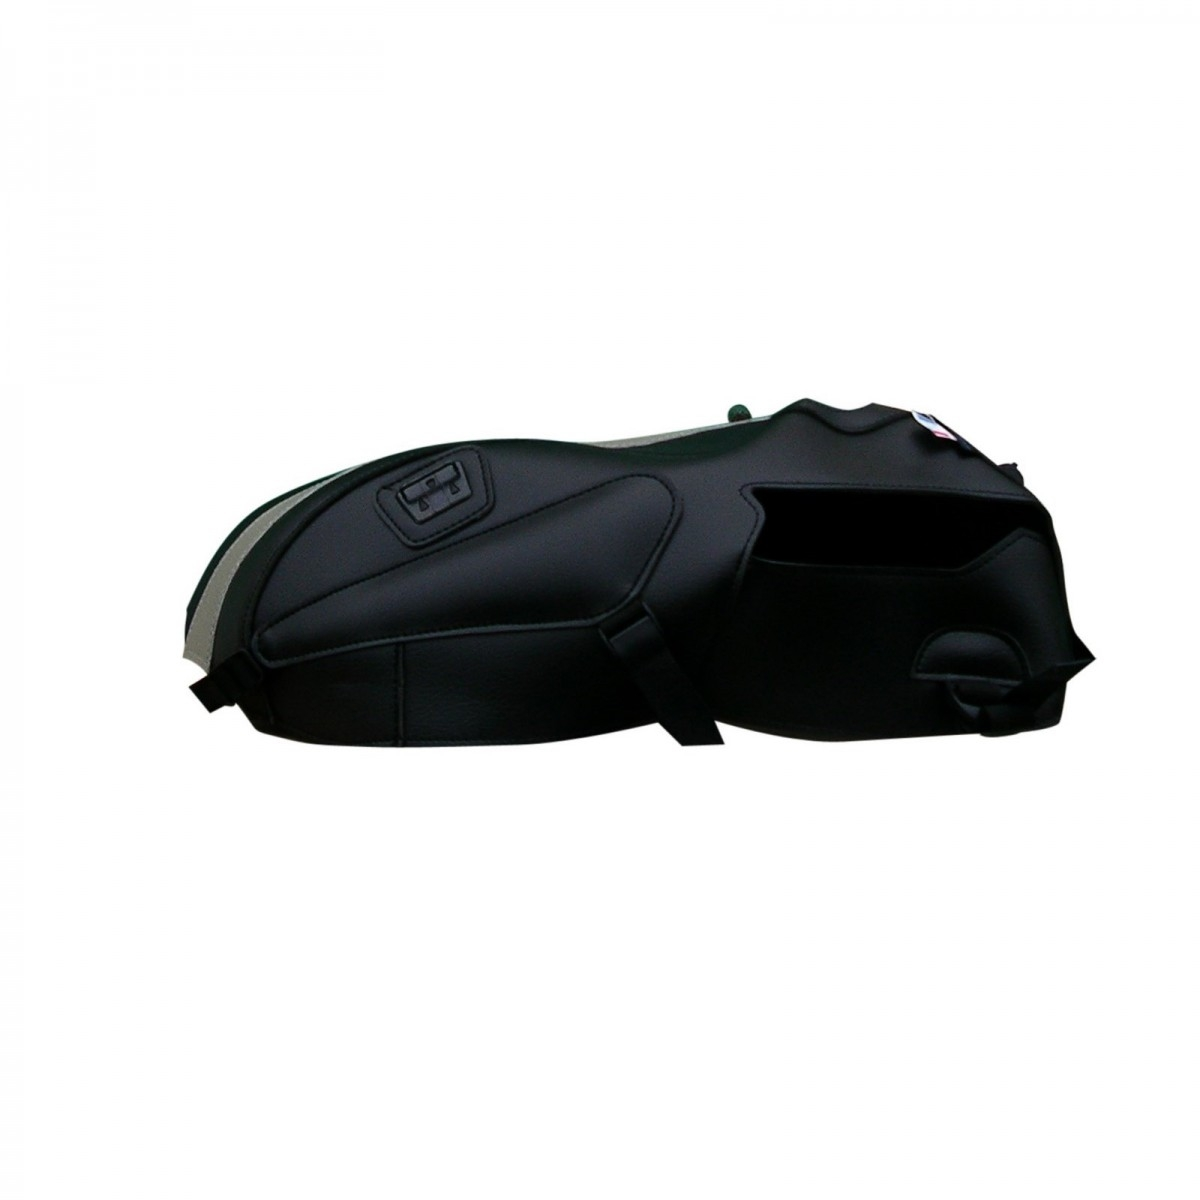 Protège-réservoir Bagster Triumph Thruxton 900 2008 noir/sable